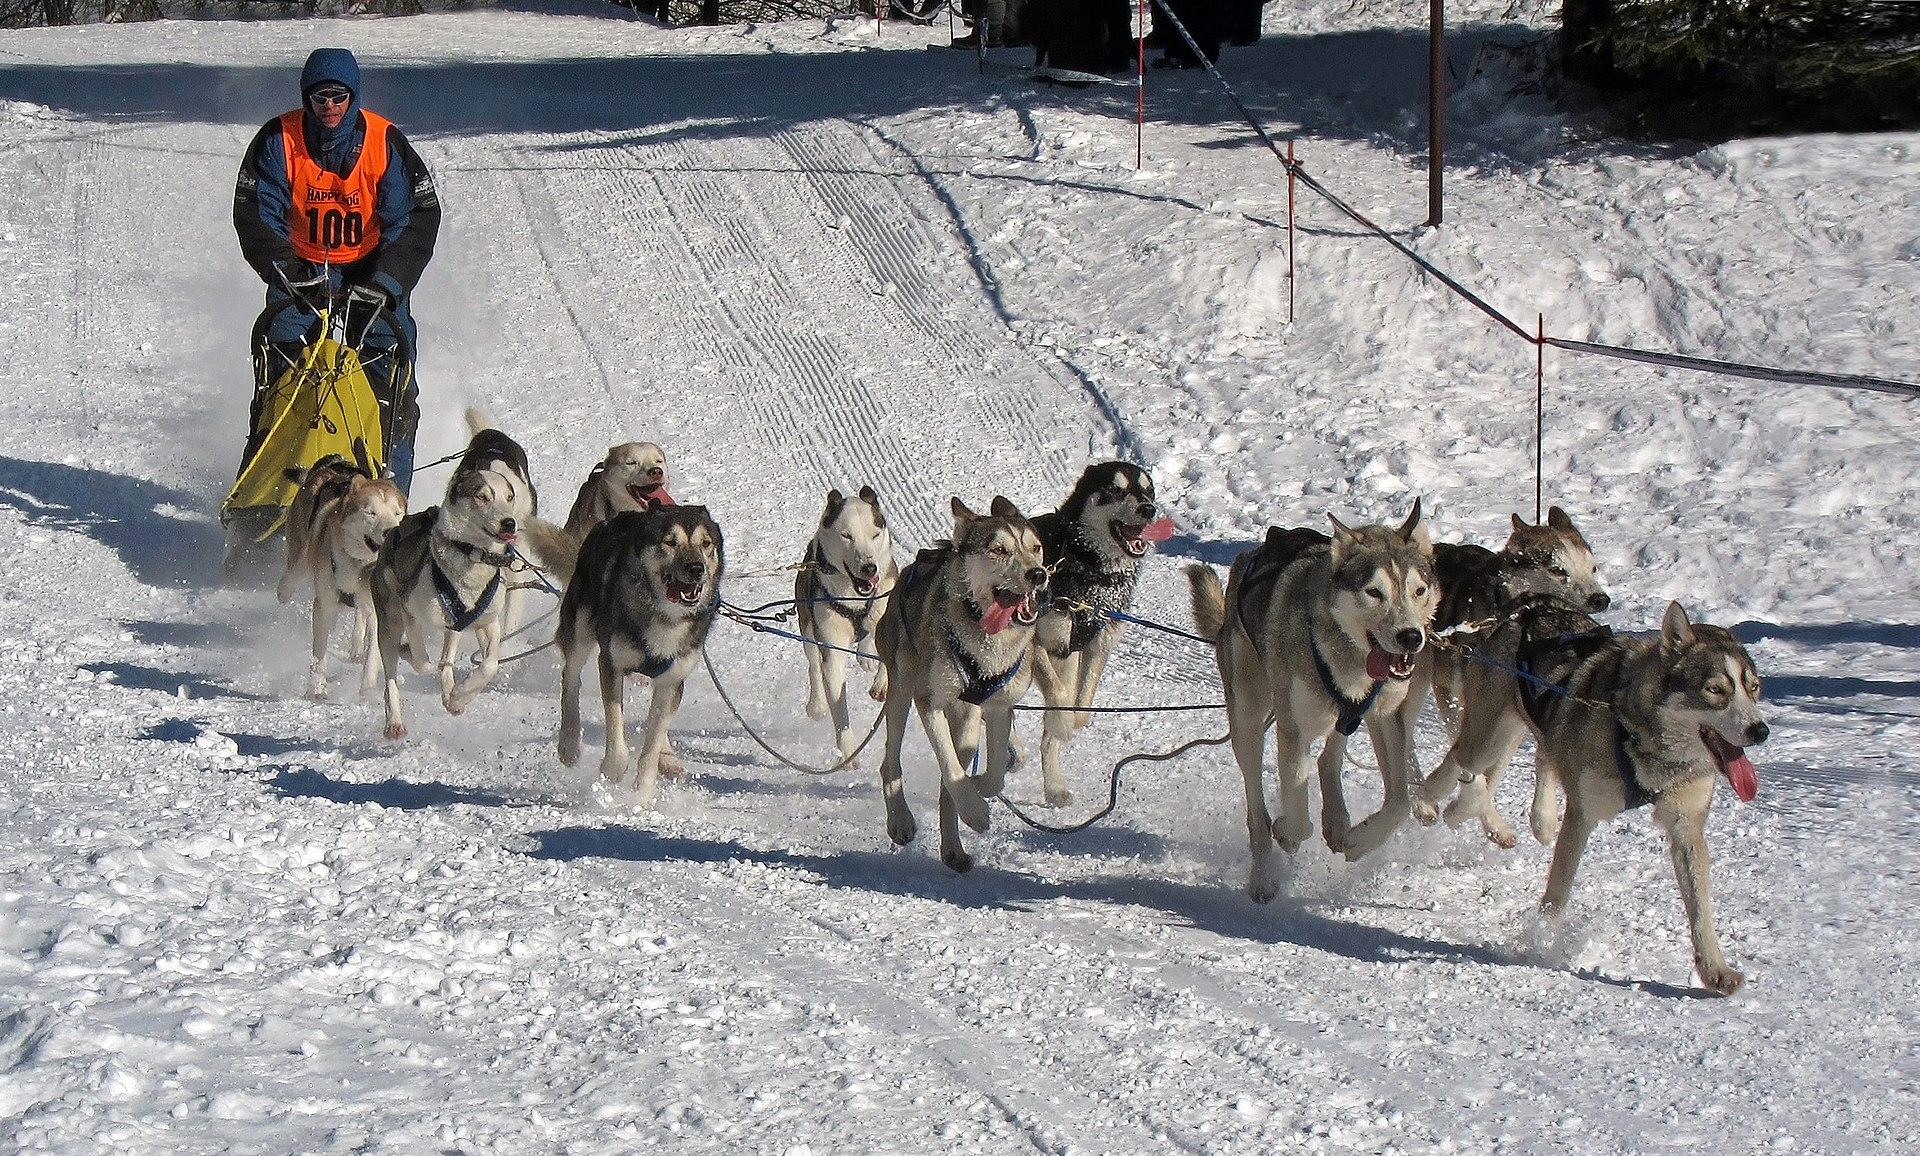 1920px Frauenwald%2C Hundeschlittenrennen%2C 6